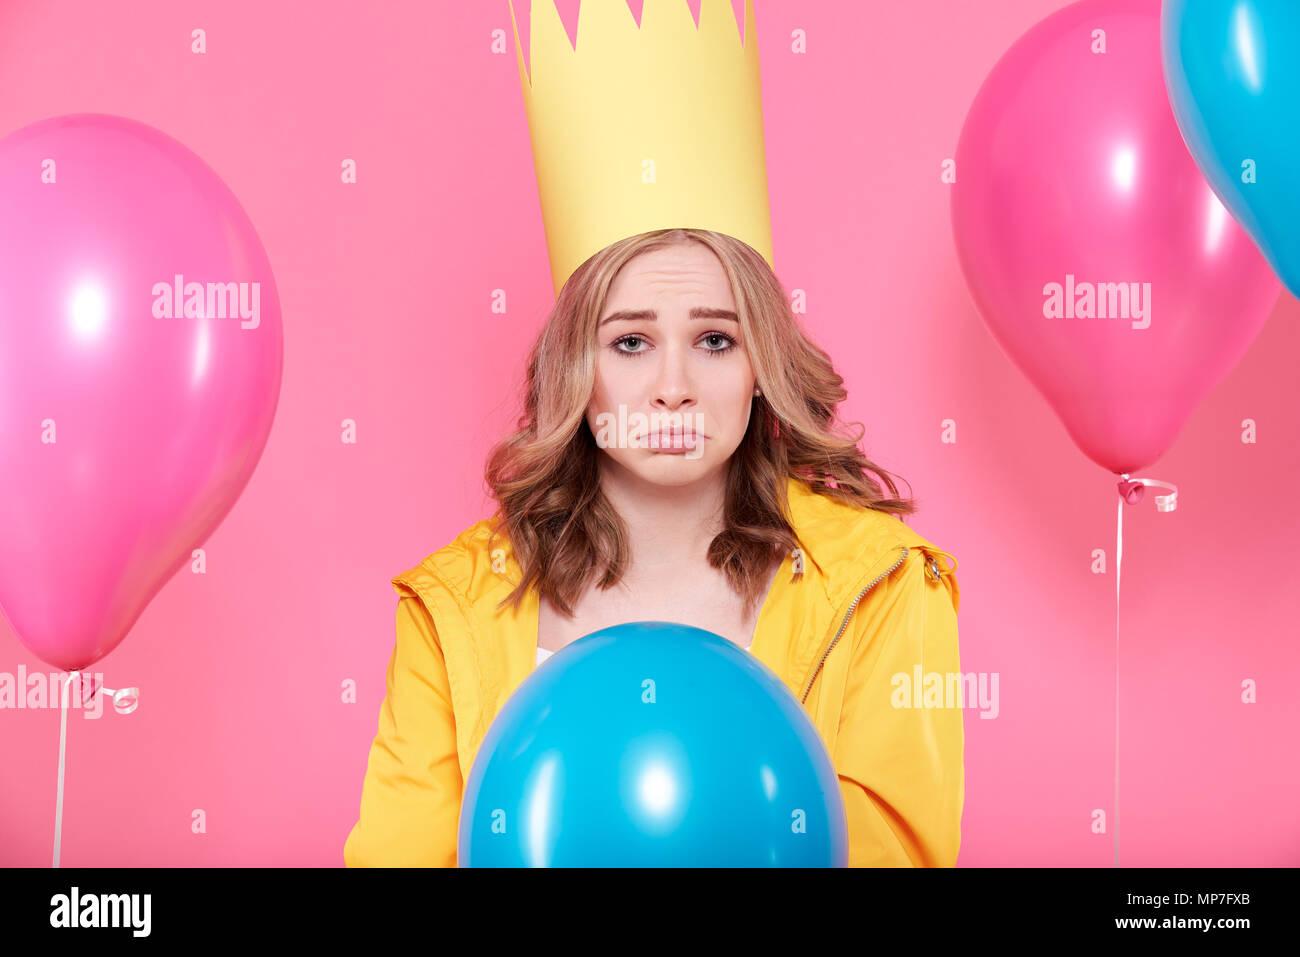 Deluso giovane donna in party hat circondato da palloncini colorati, isolate su rosa pastello sfondo. Triste Festa di Compleanno del concetto. Immagini Stock